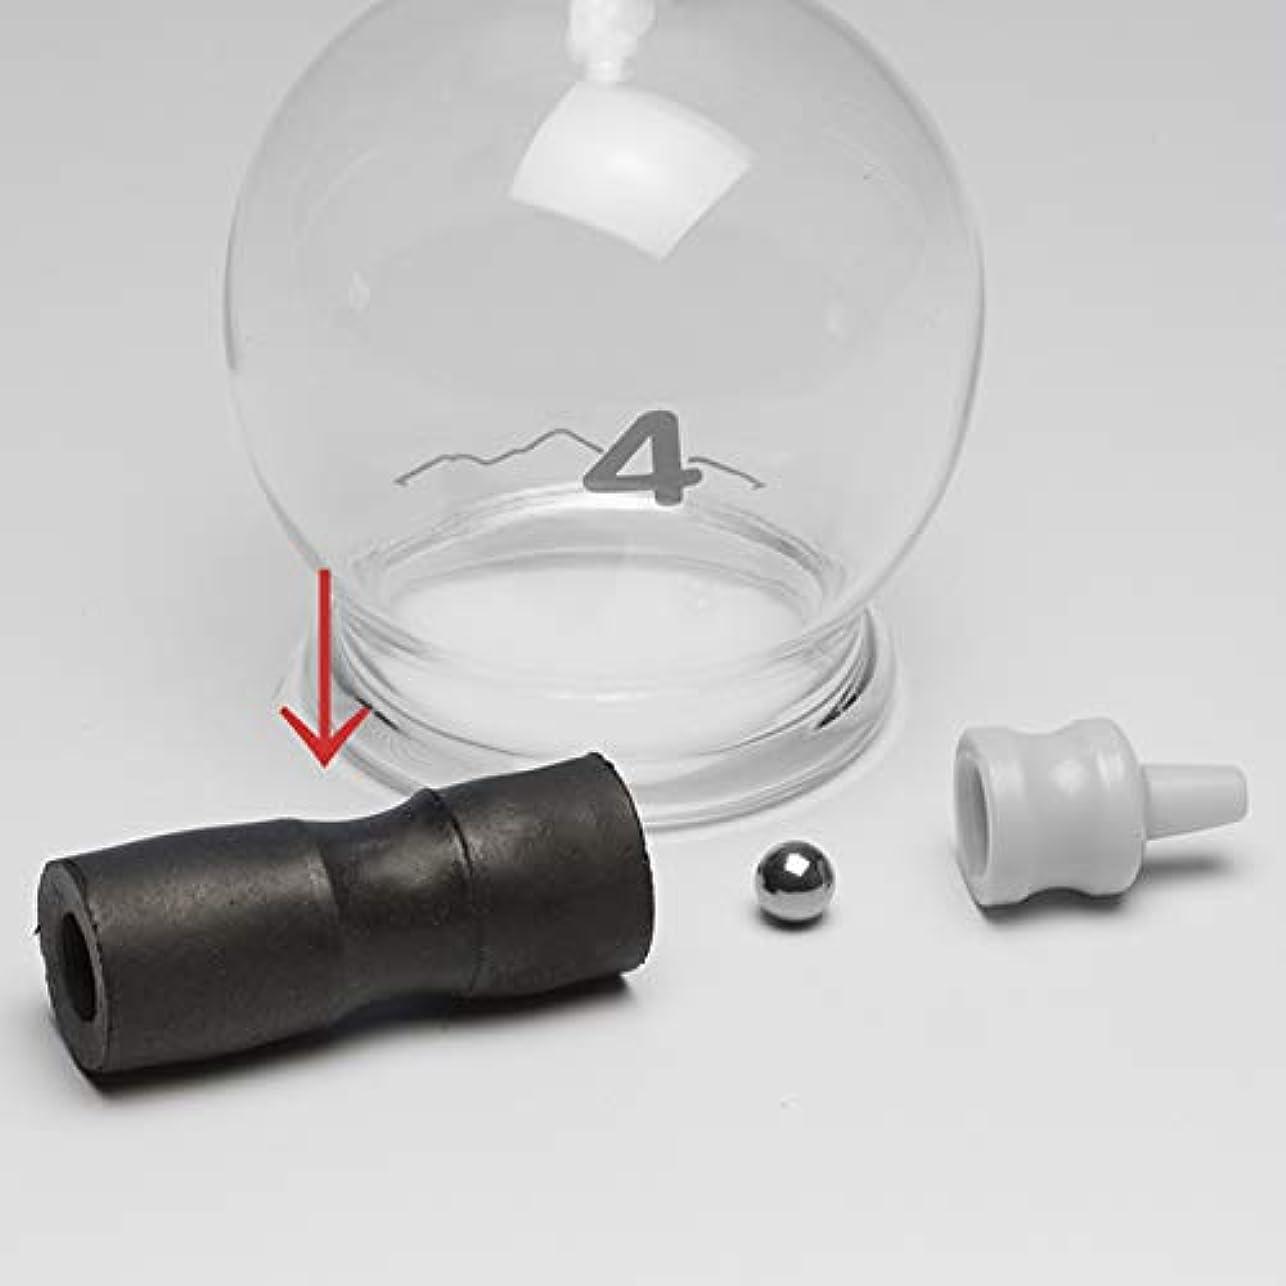 霧島ガラス玉(電動吸い玉機器用吸着具)用黒ゴム弁(ゴムのみ) 吸灸